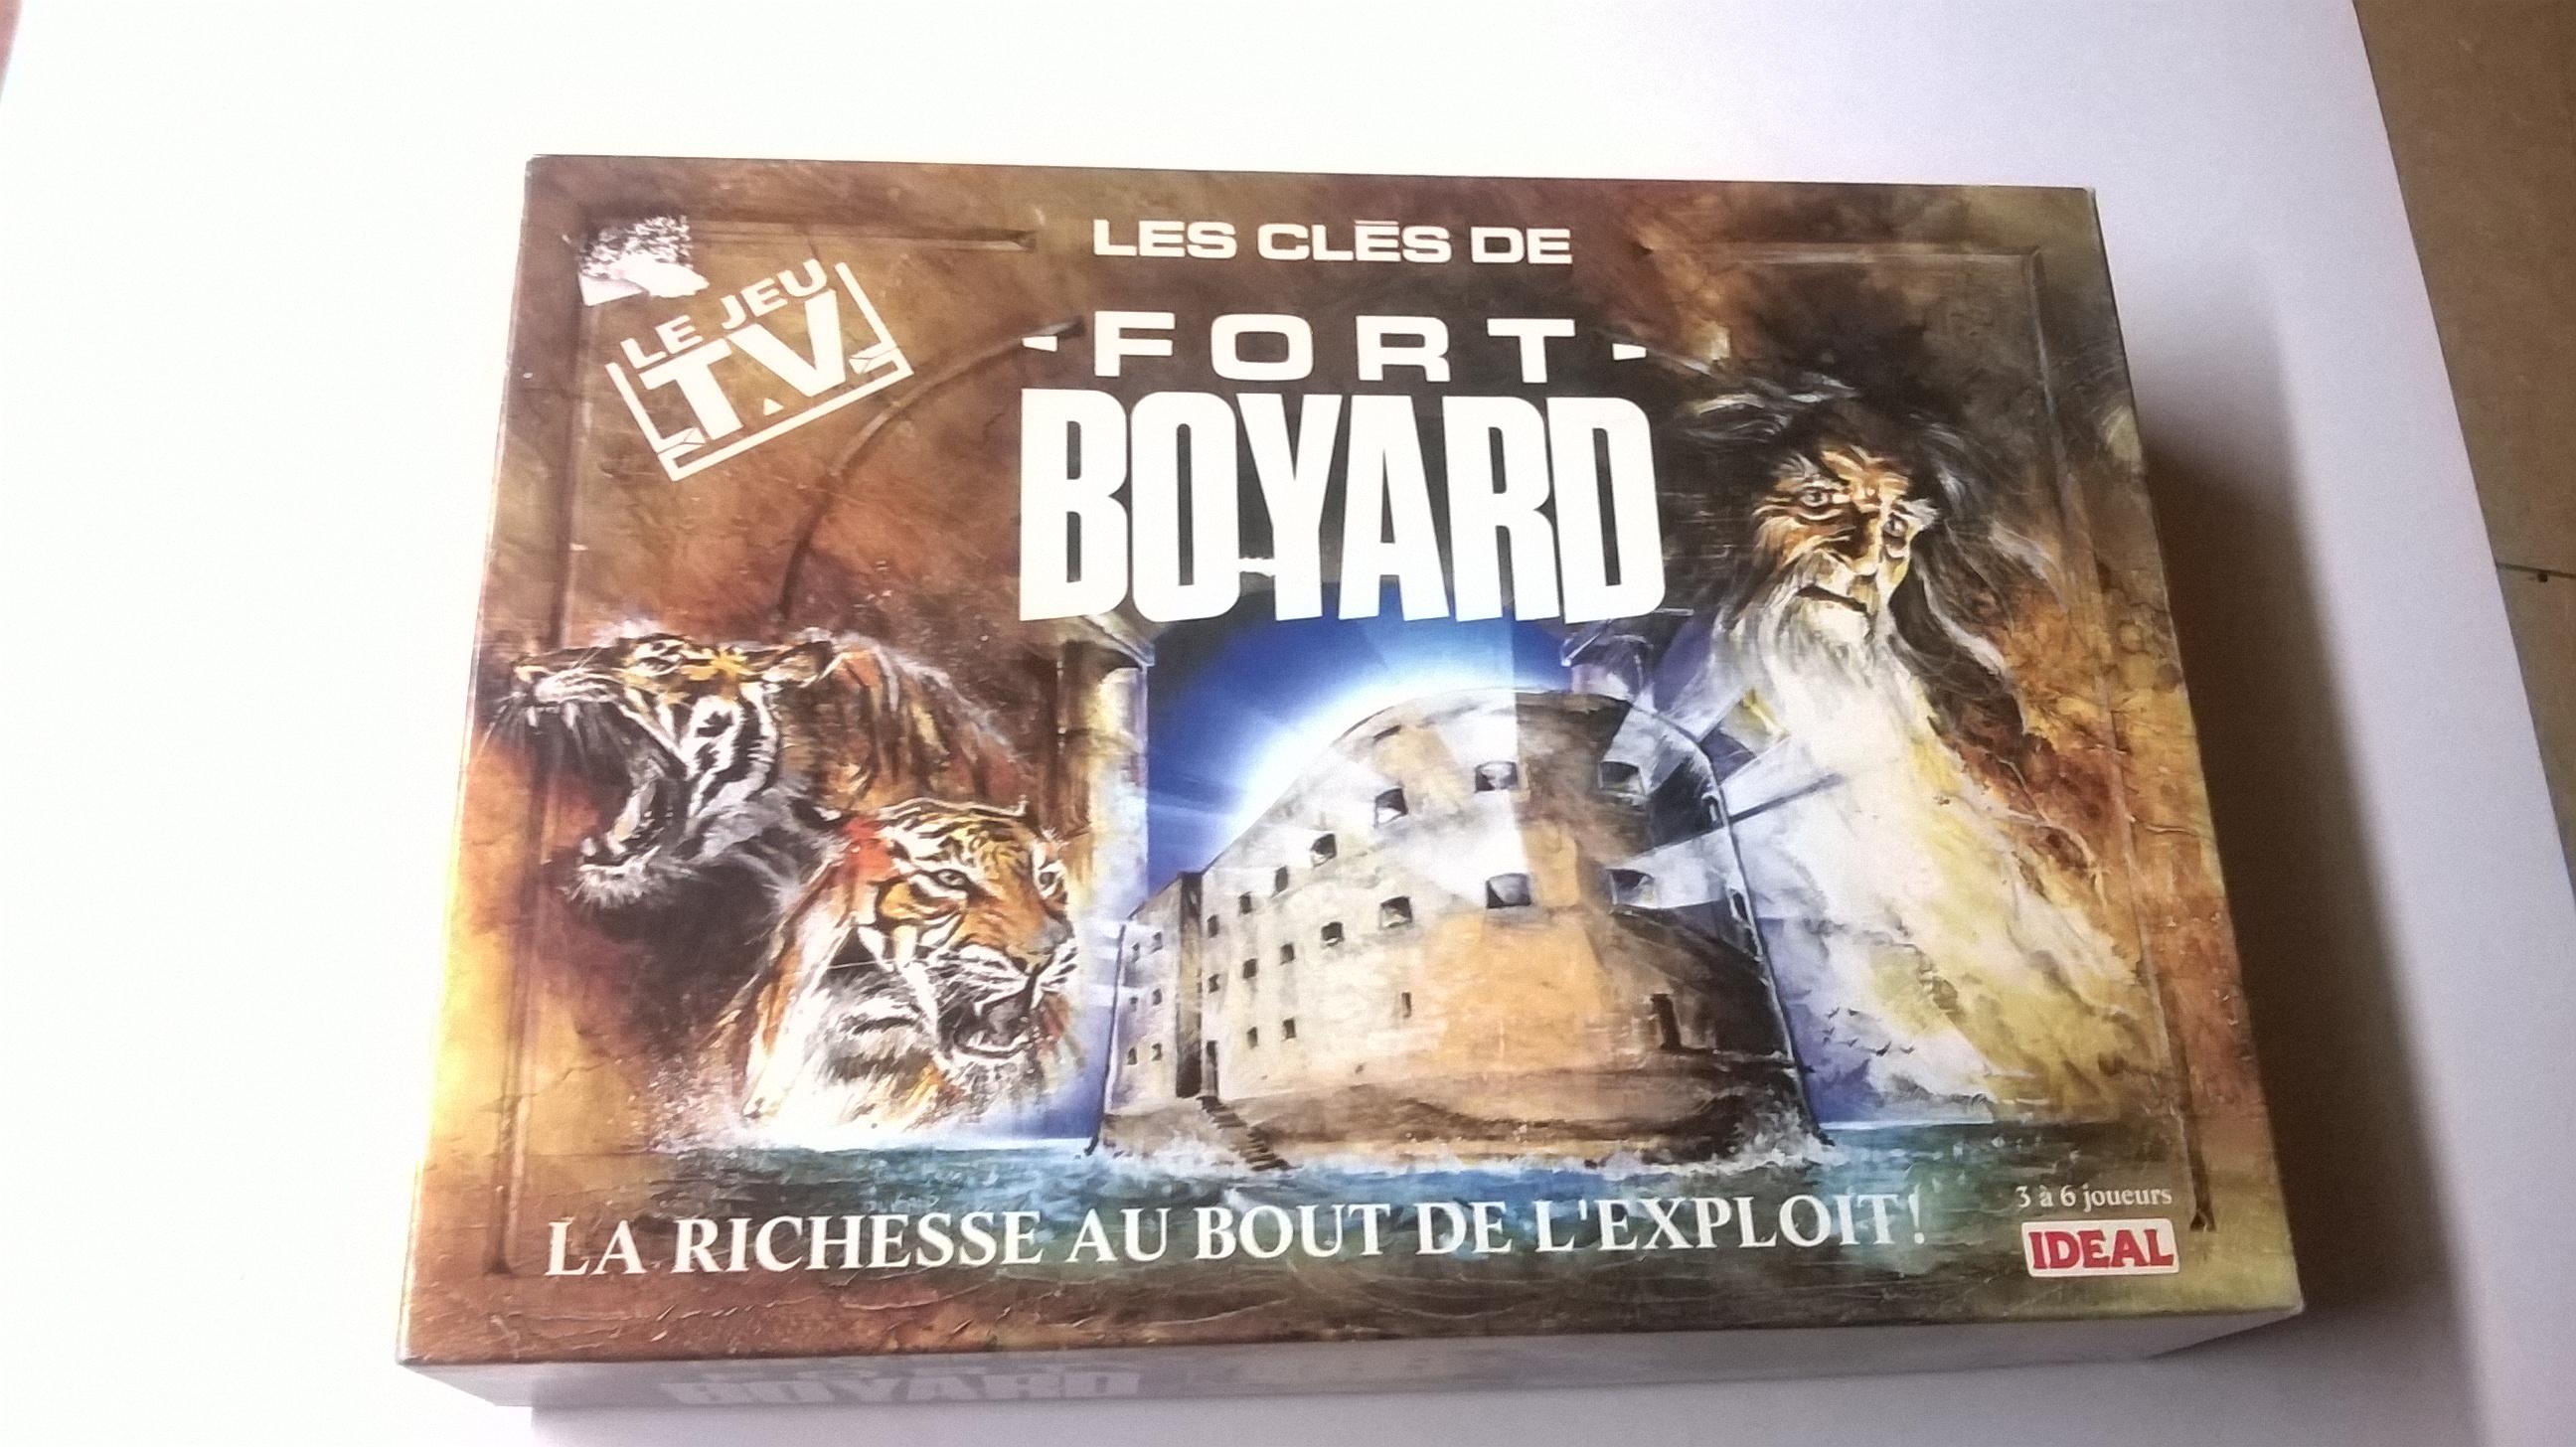 Les Clés de Fort Boyard